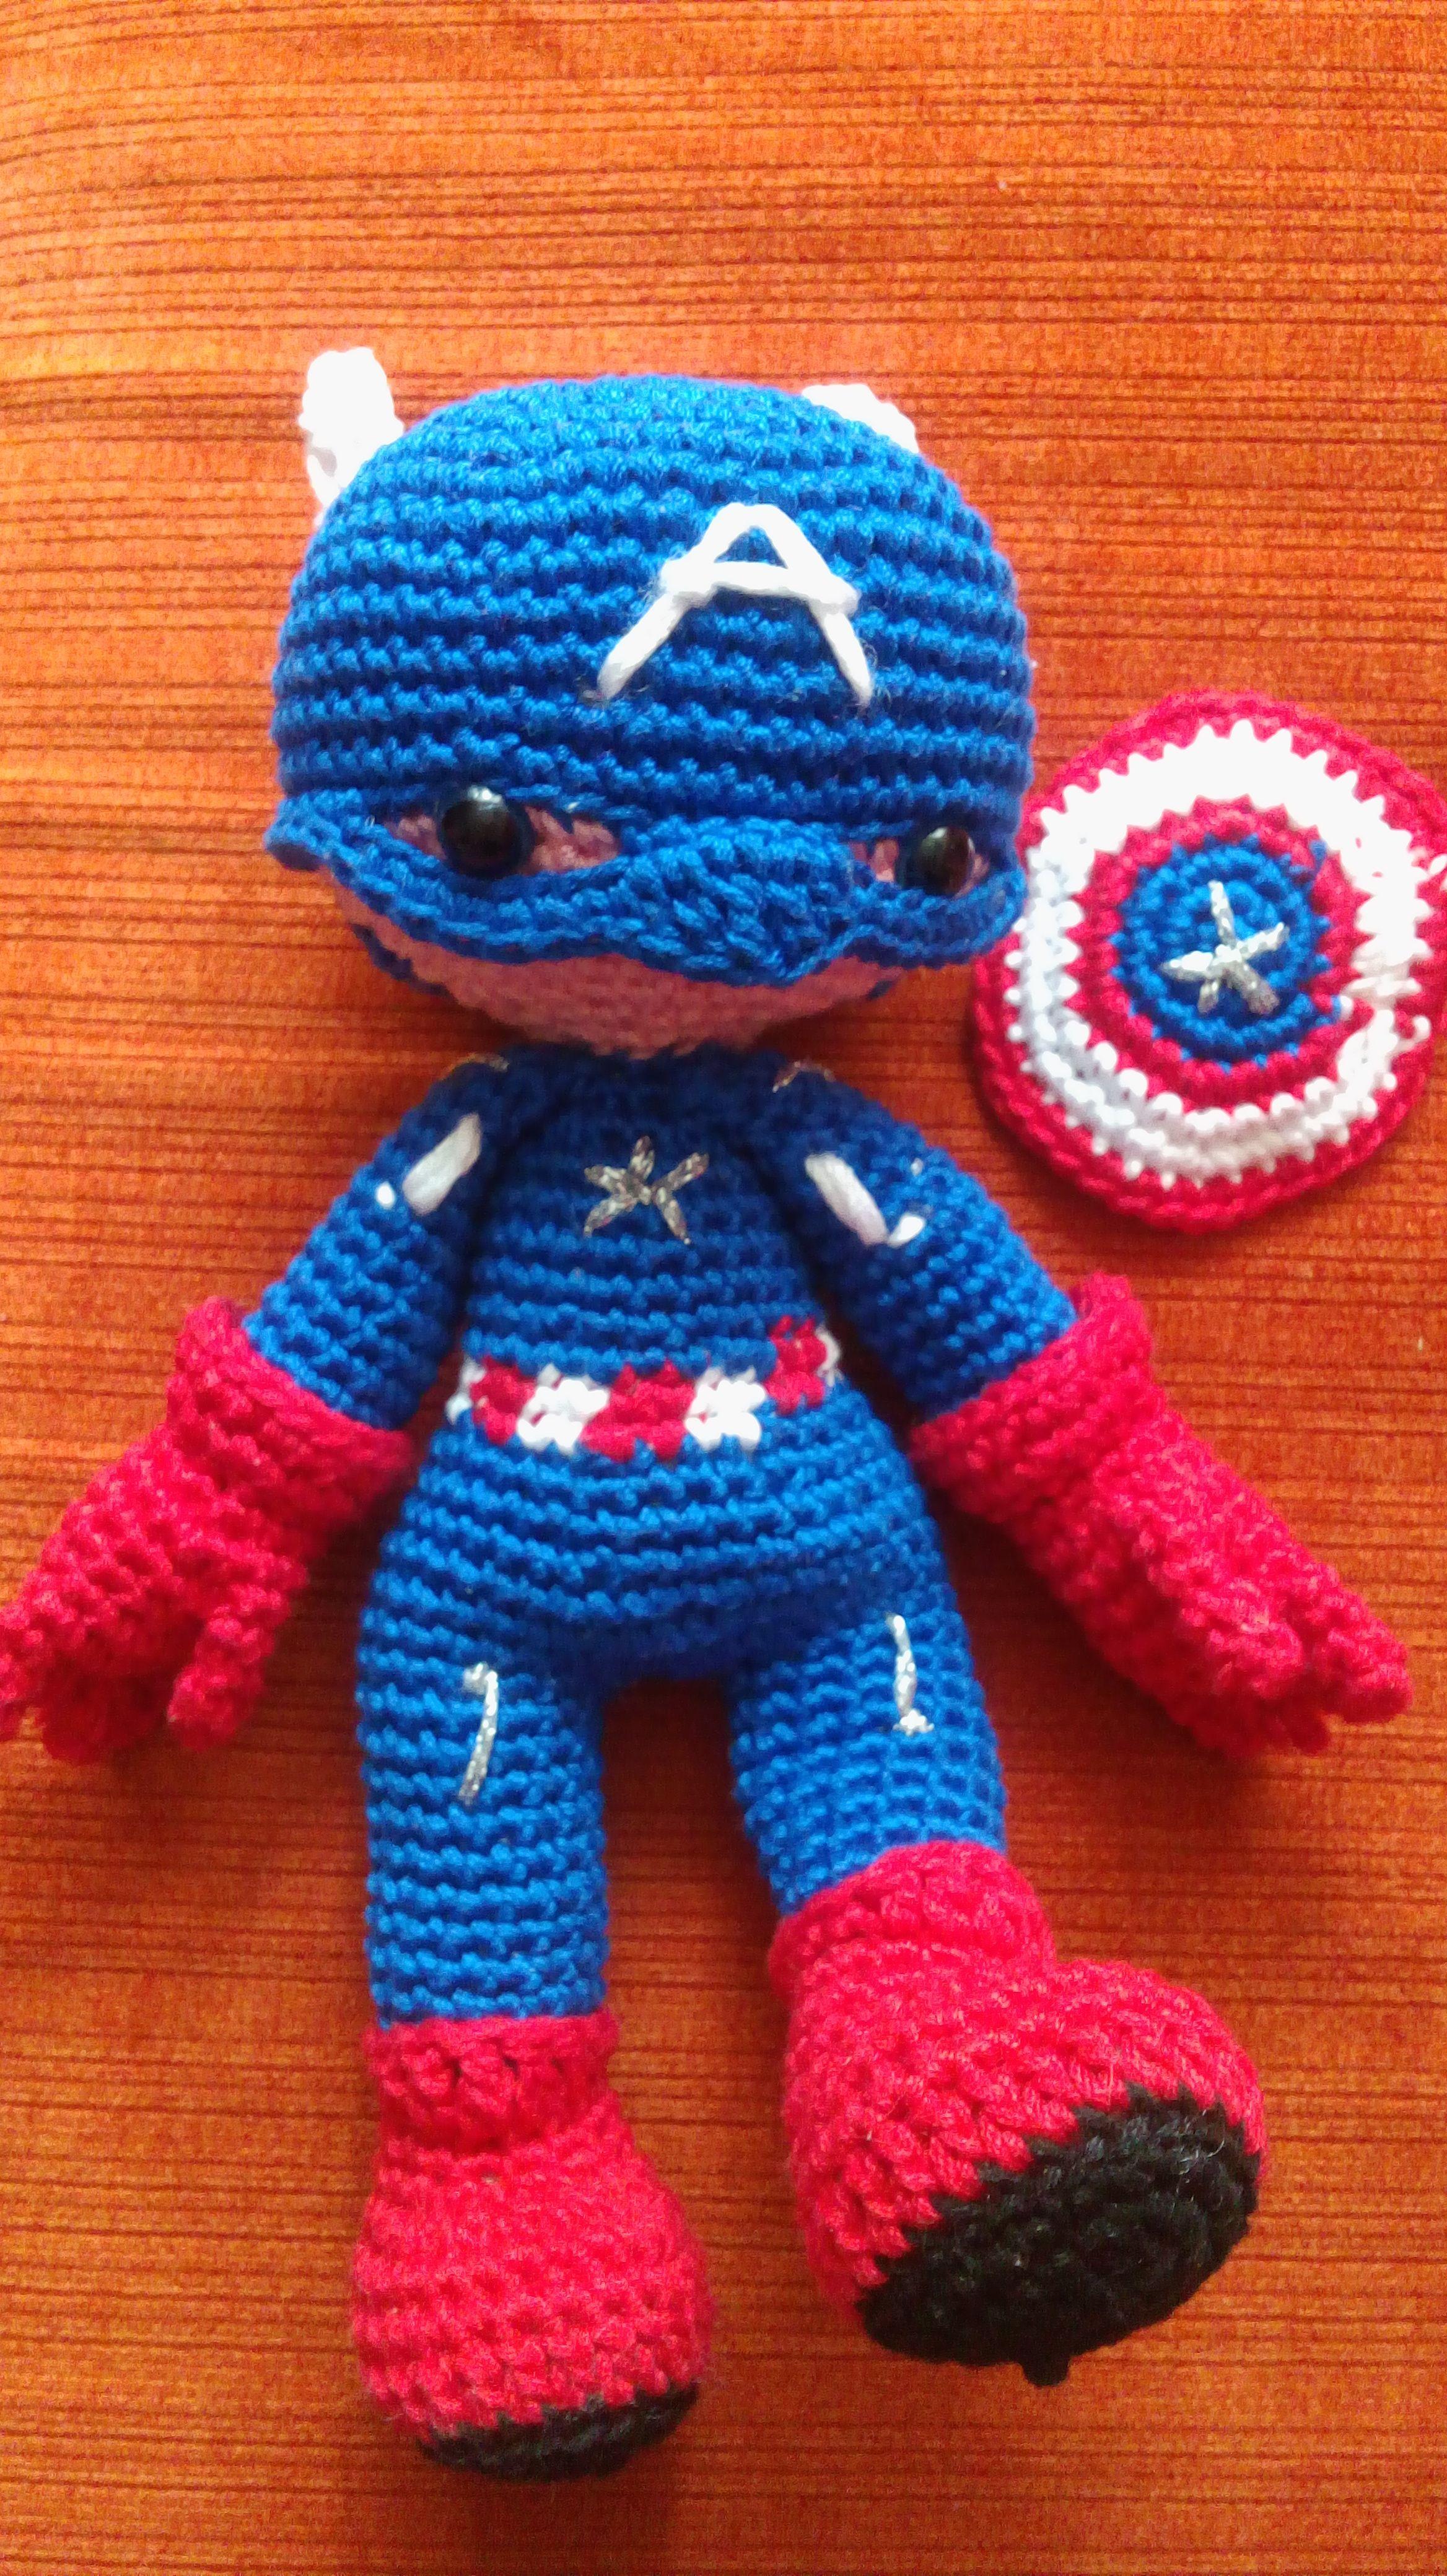 Amigurumi Capitán América, Chofisgurumis tejido a gancho, hecho a mano, hecho en México, Tonanitla.